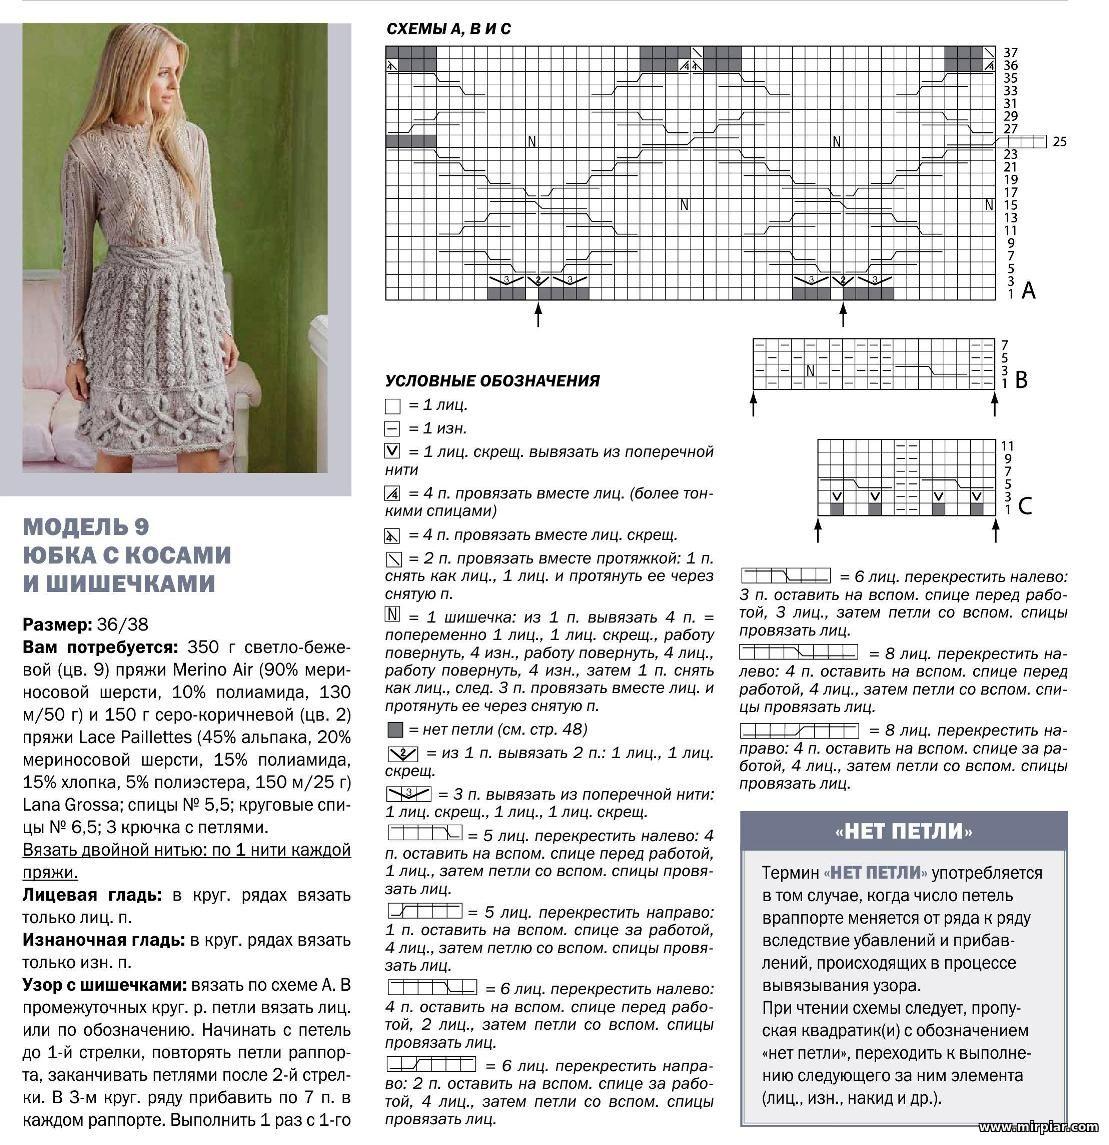 Схемы узоров для вязания спицами юбок 13